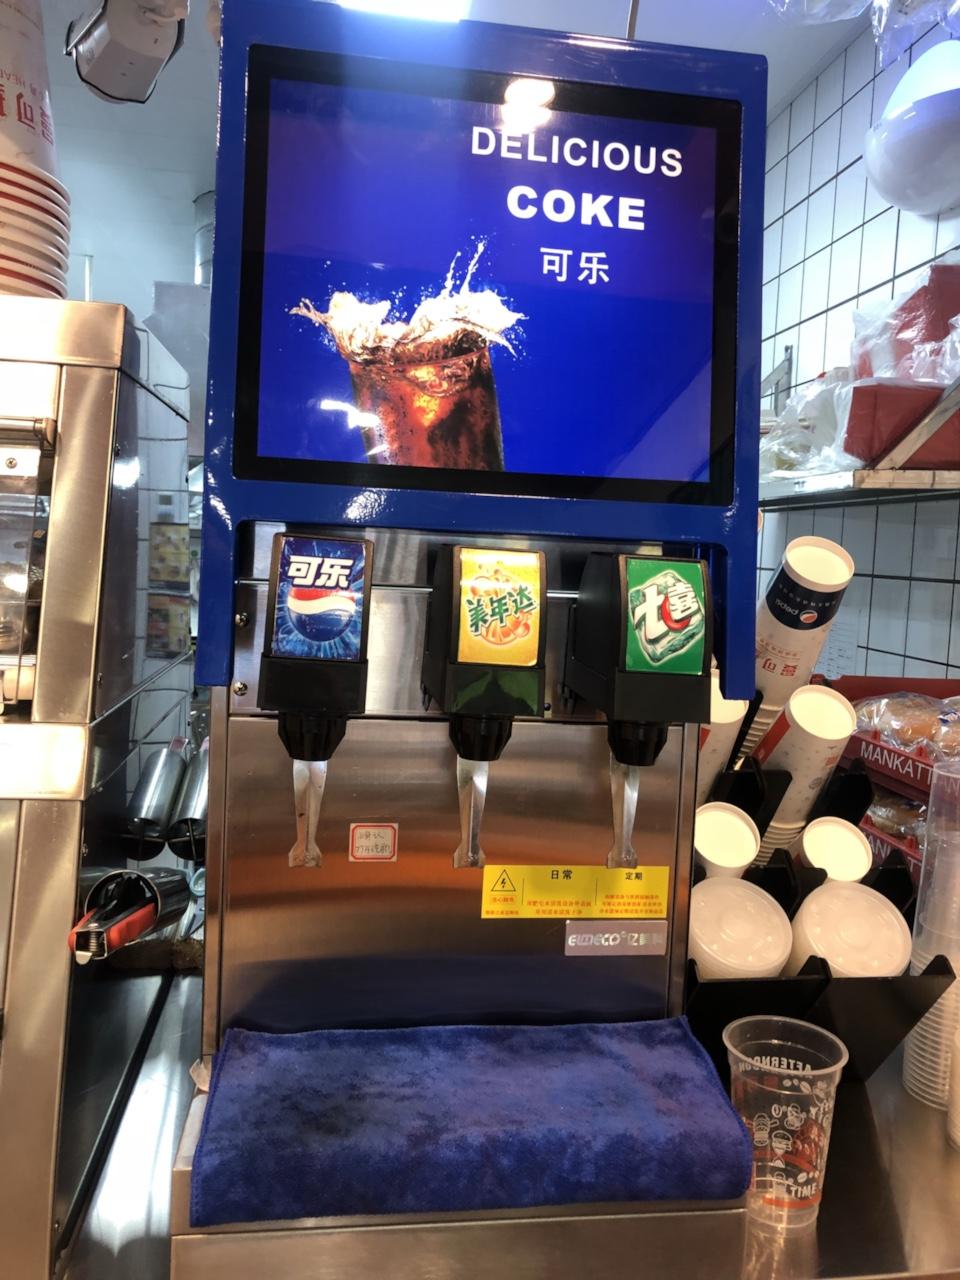 店铺关门转让豪华版亿美科品牌九九成新可乐机一台加可乐不锈钢置物柜一个,尺寸400*710*875 原...